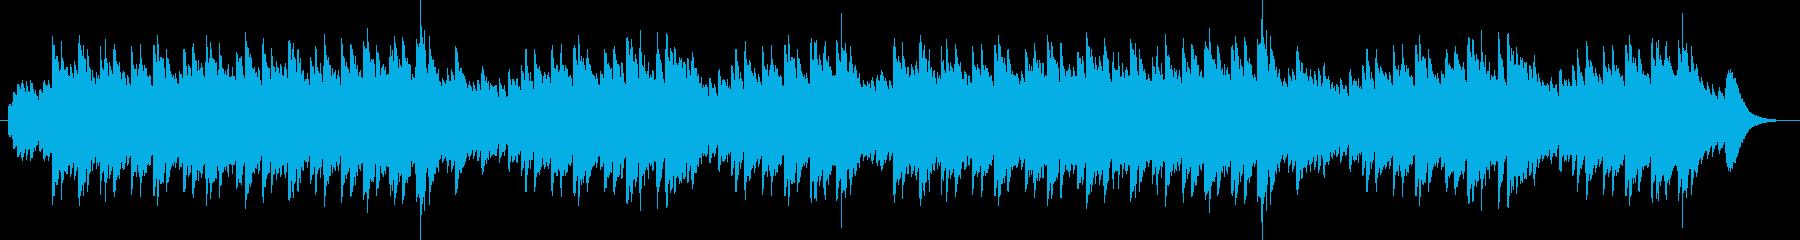 グリーンスリーヴス(オルゴール)の再生済みの波形